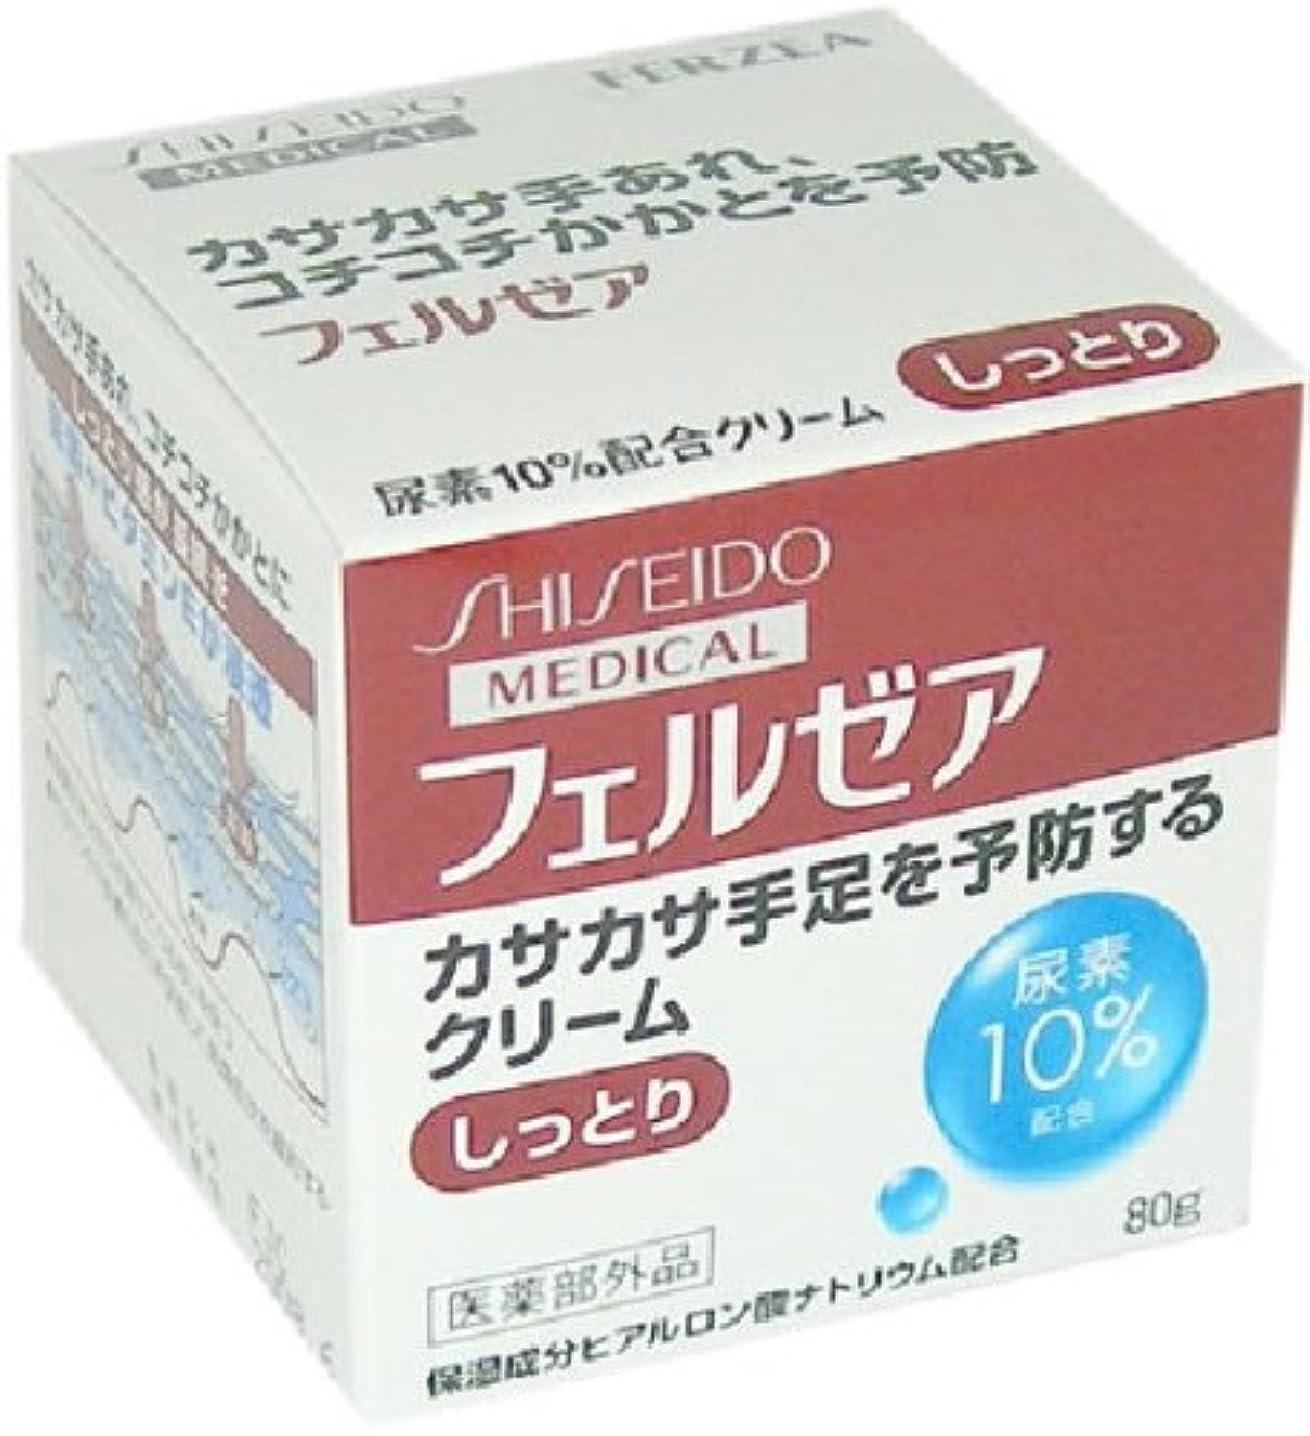 タヒチ証言勝利フェルゼア クリームM しっとりジャータイプ 尿素10%配合 80g [指定医薬部外品]